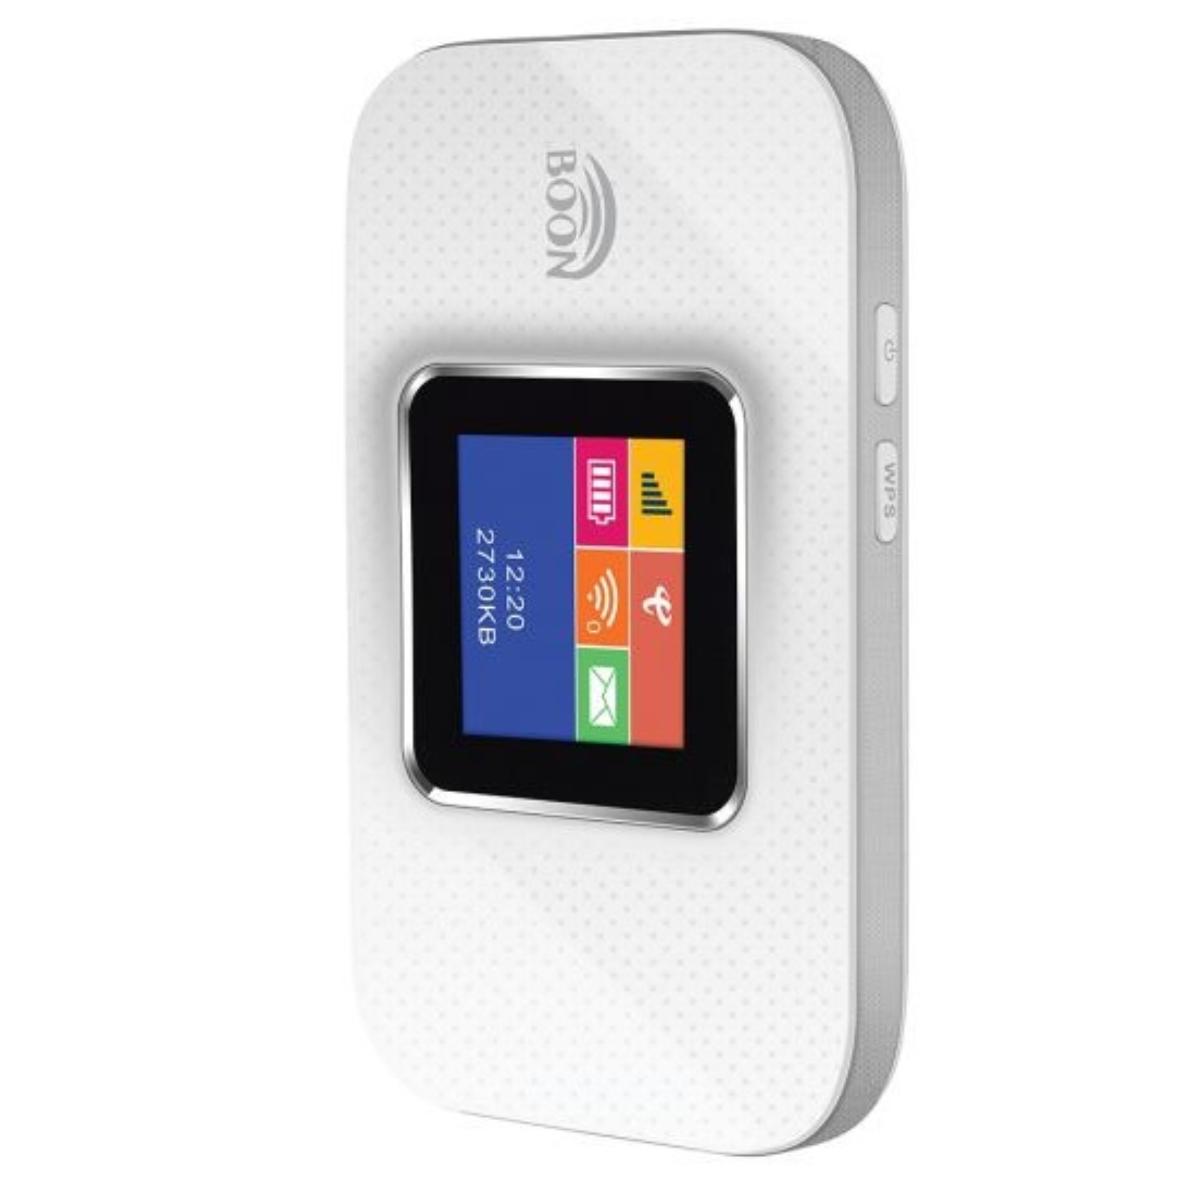 נתב נייד Boon MI-FI 4G 2100MAH